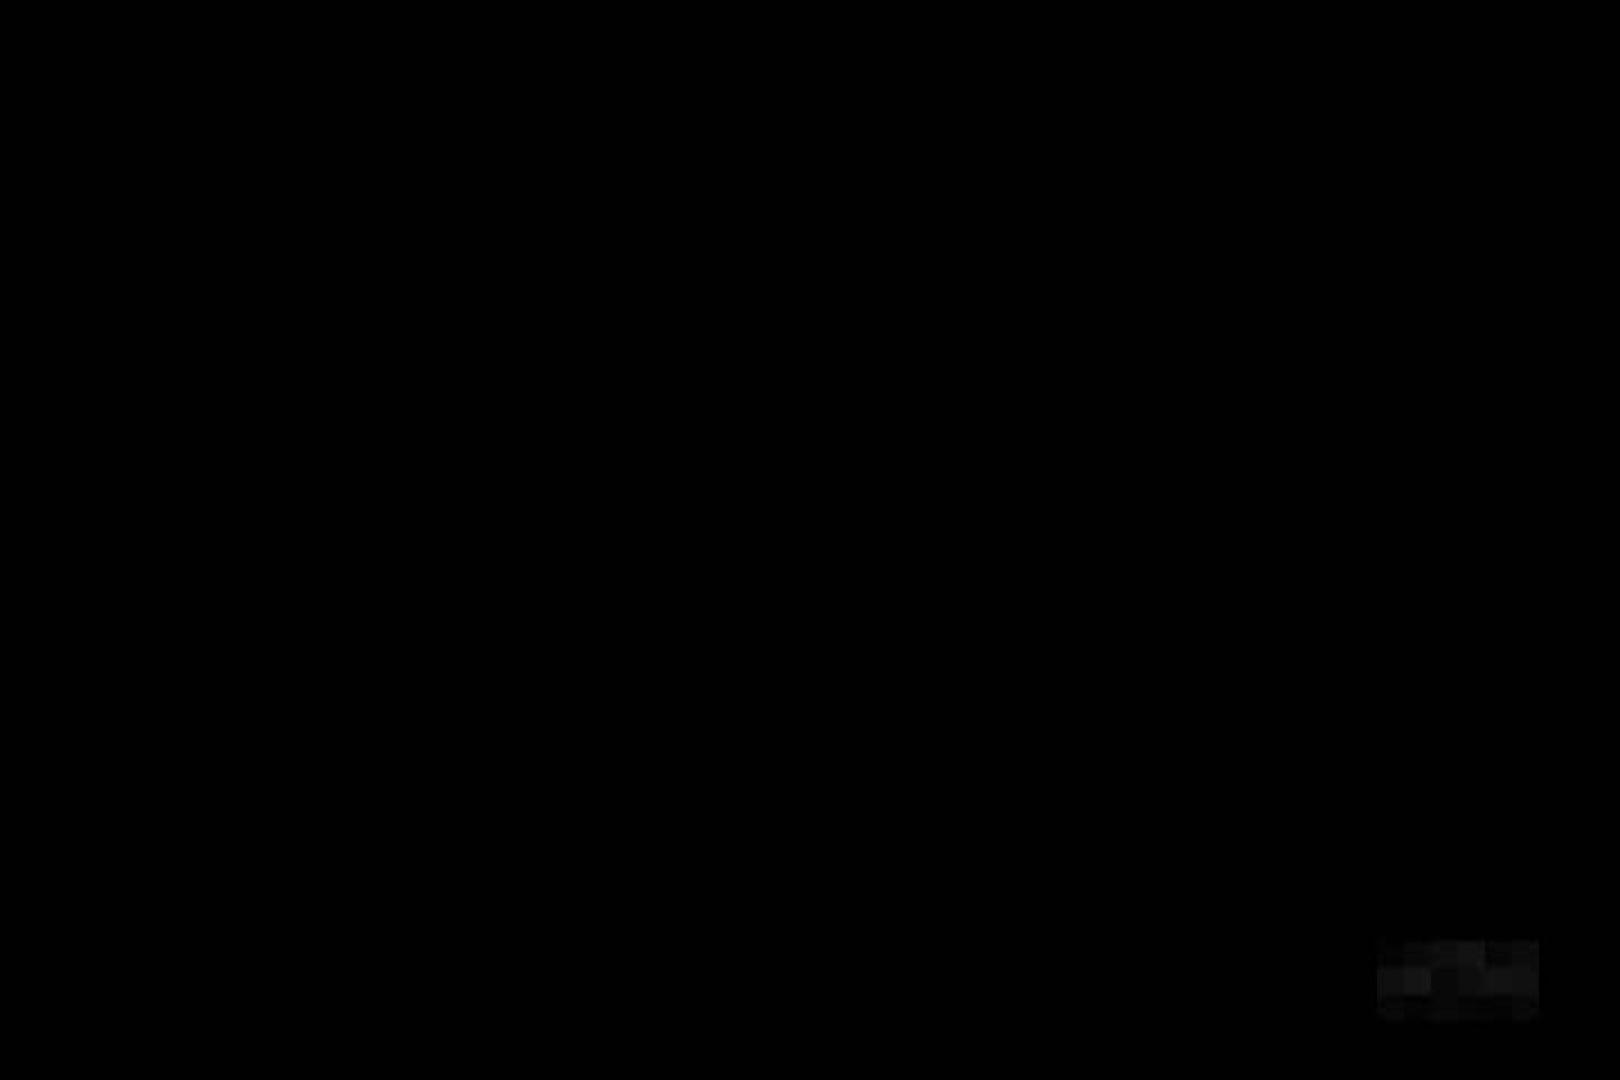 ショップギャルパンチラ!ただ今接客中!!Vol.6 チラ歓迎 すけべAV動画紹介 87pic 67